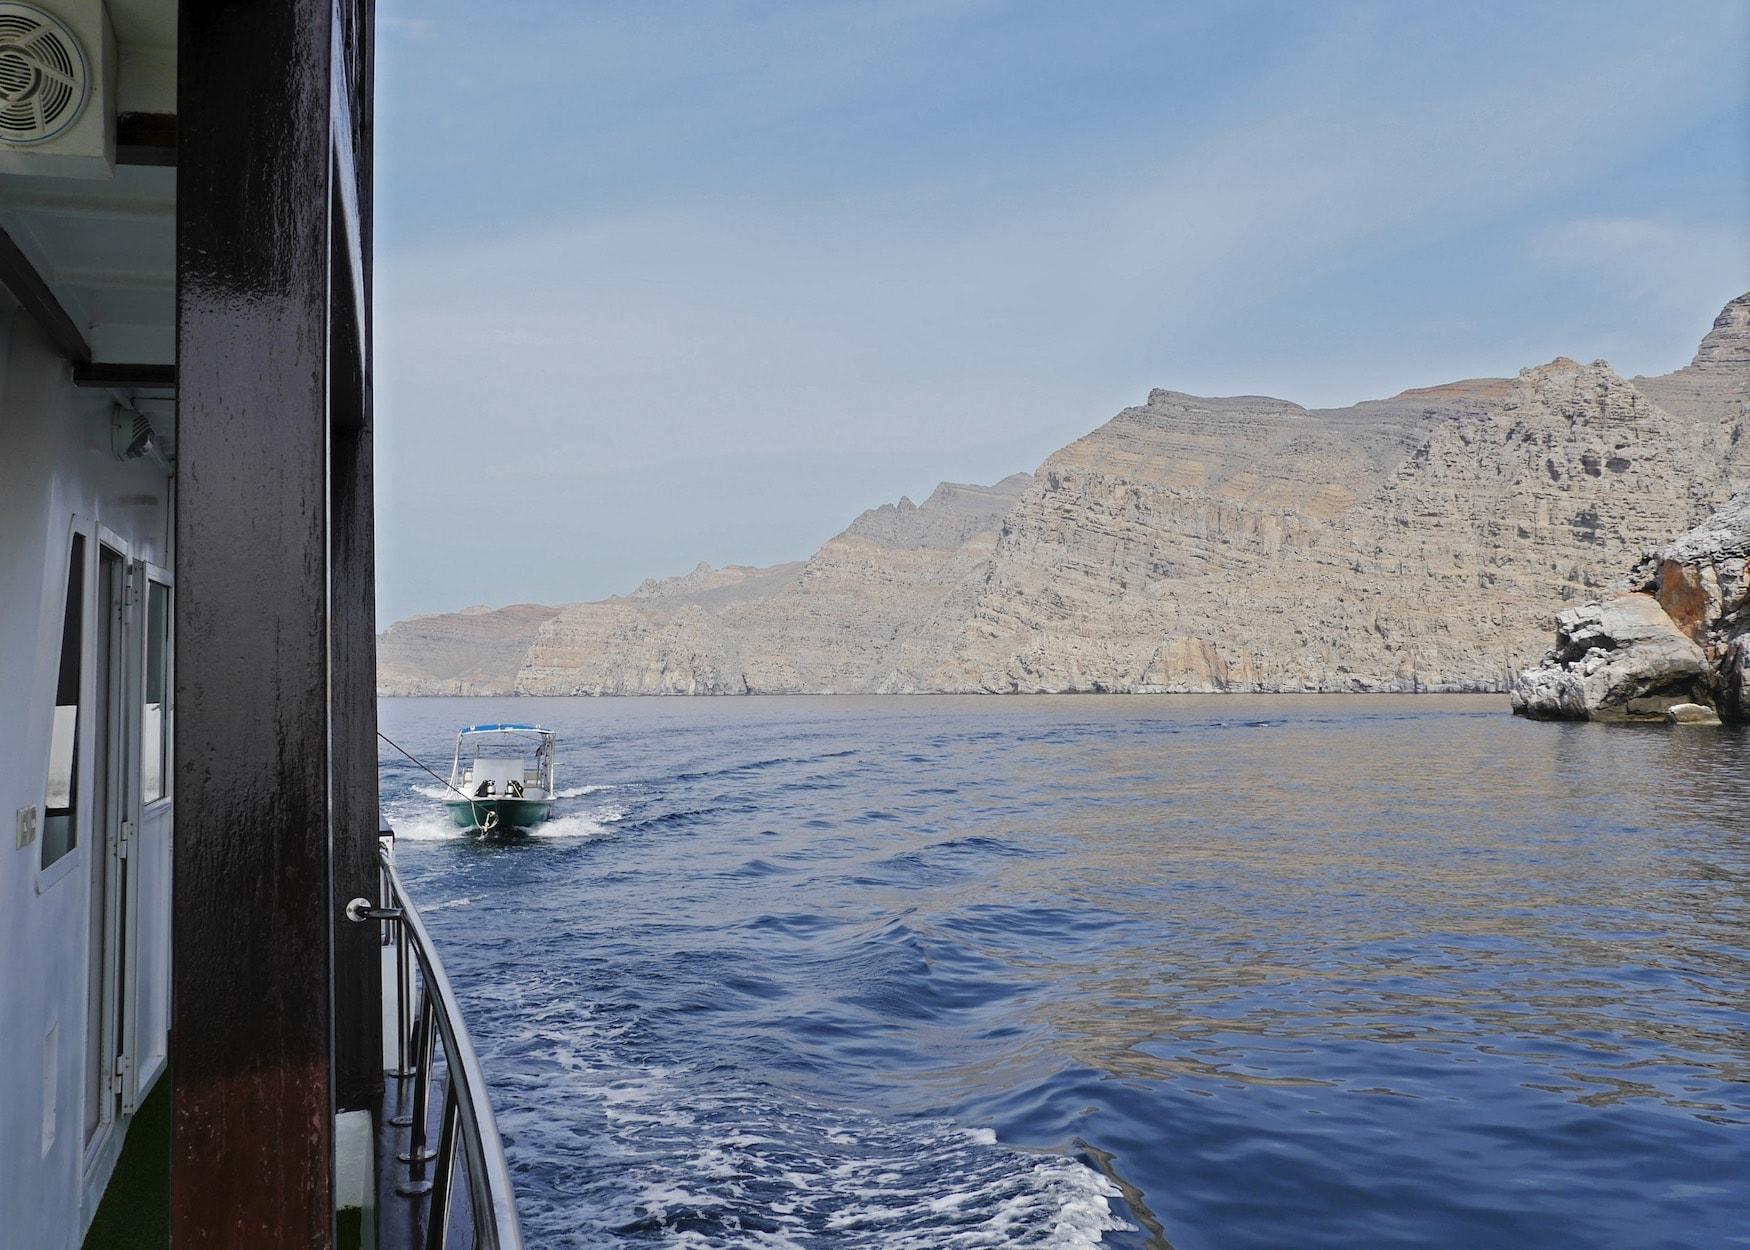 Auf der Queen unterwegs im Oman